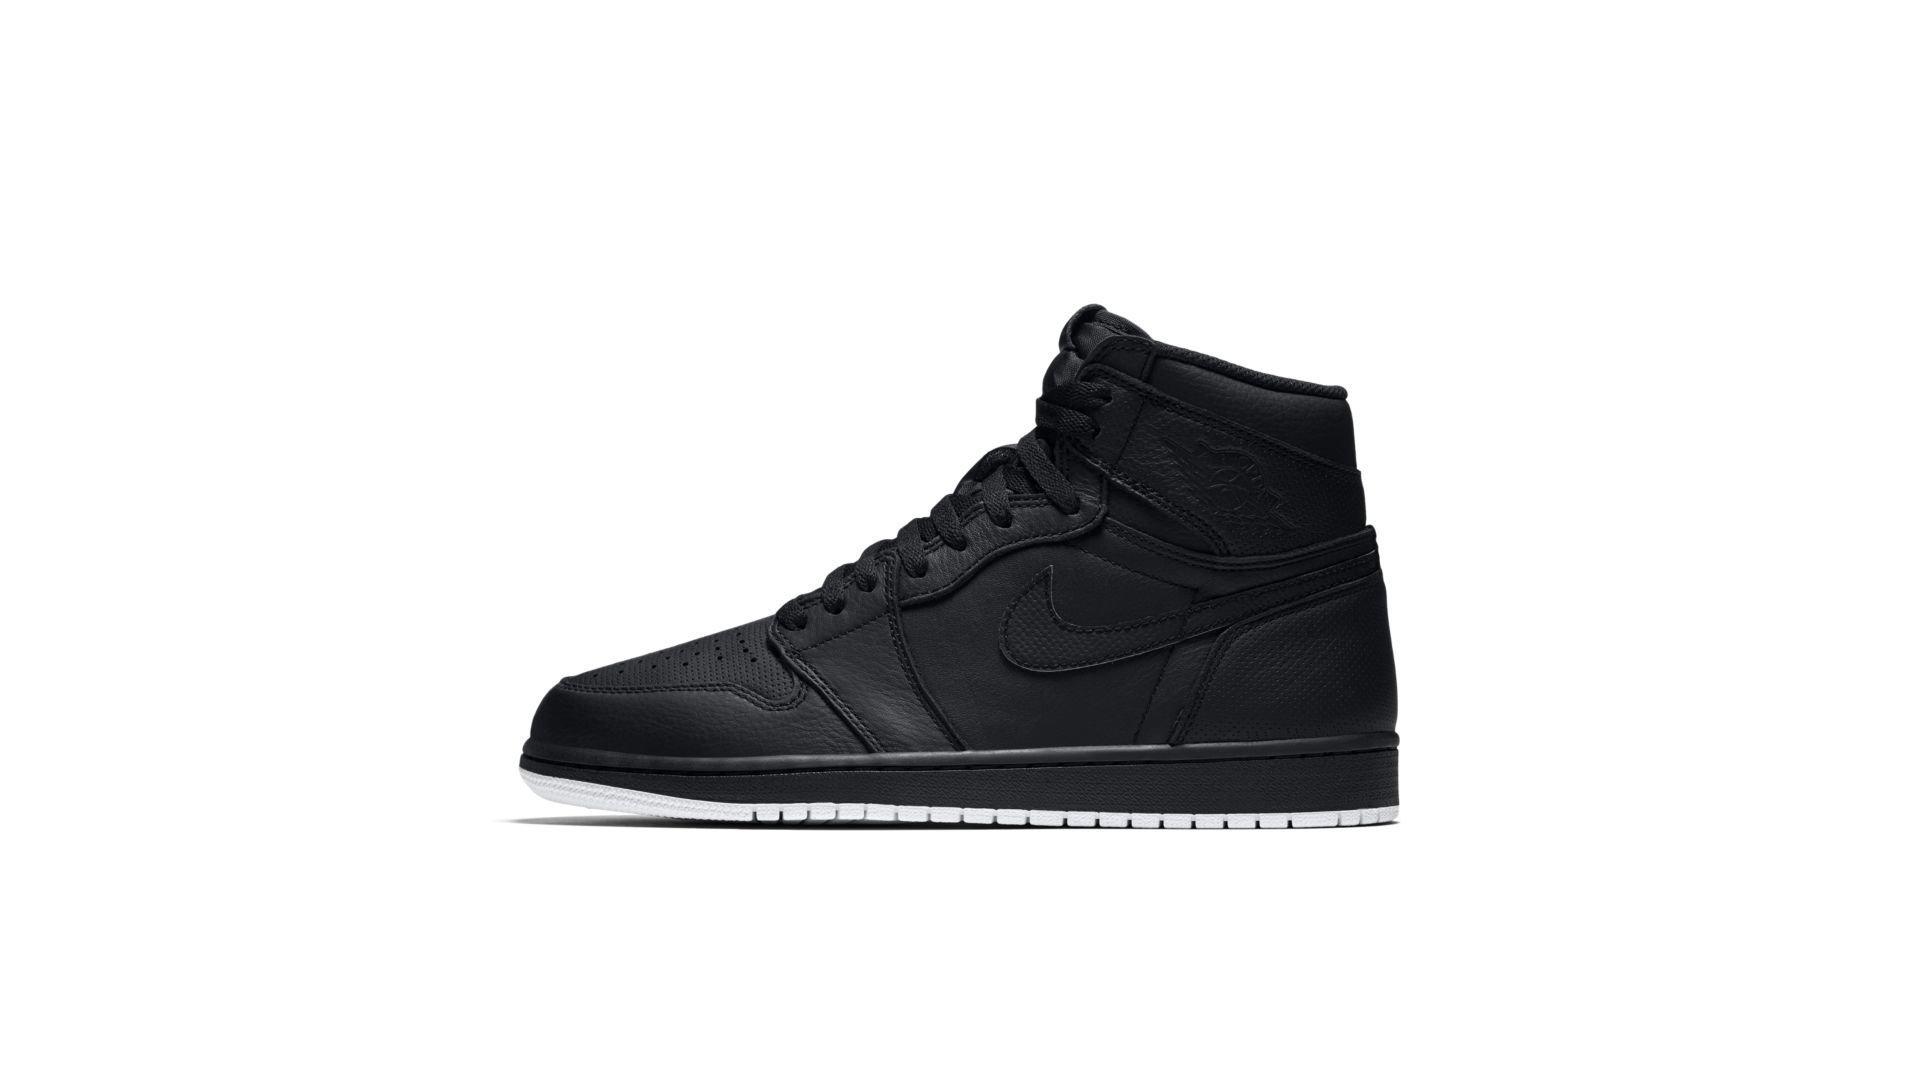 Jordan 1 Retro Black Perforated (555088-002)